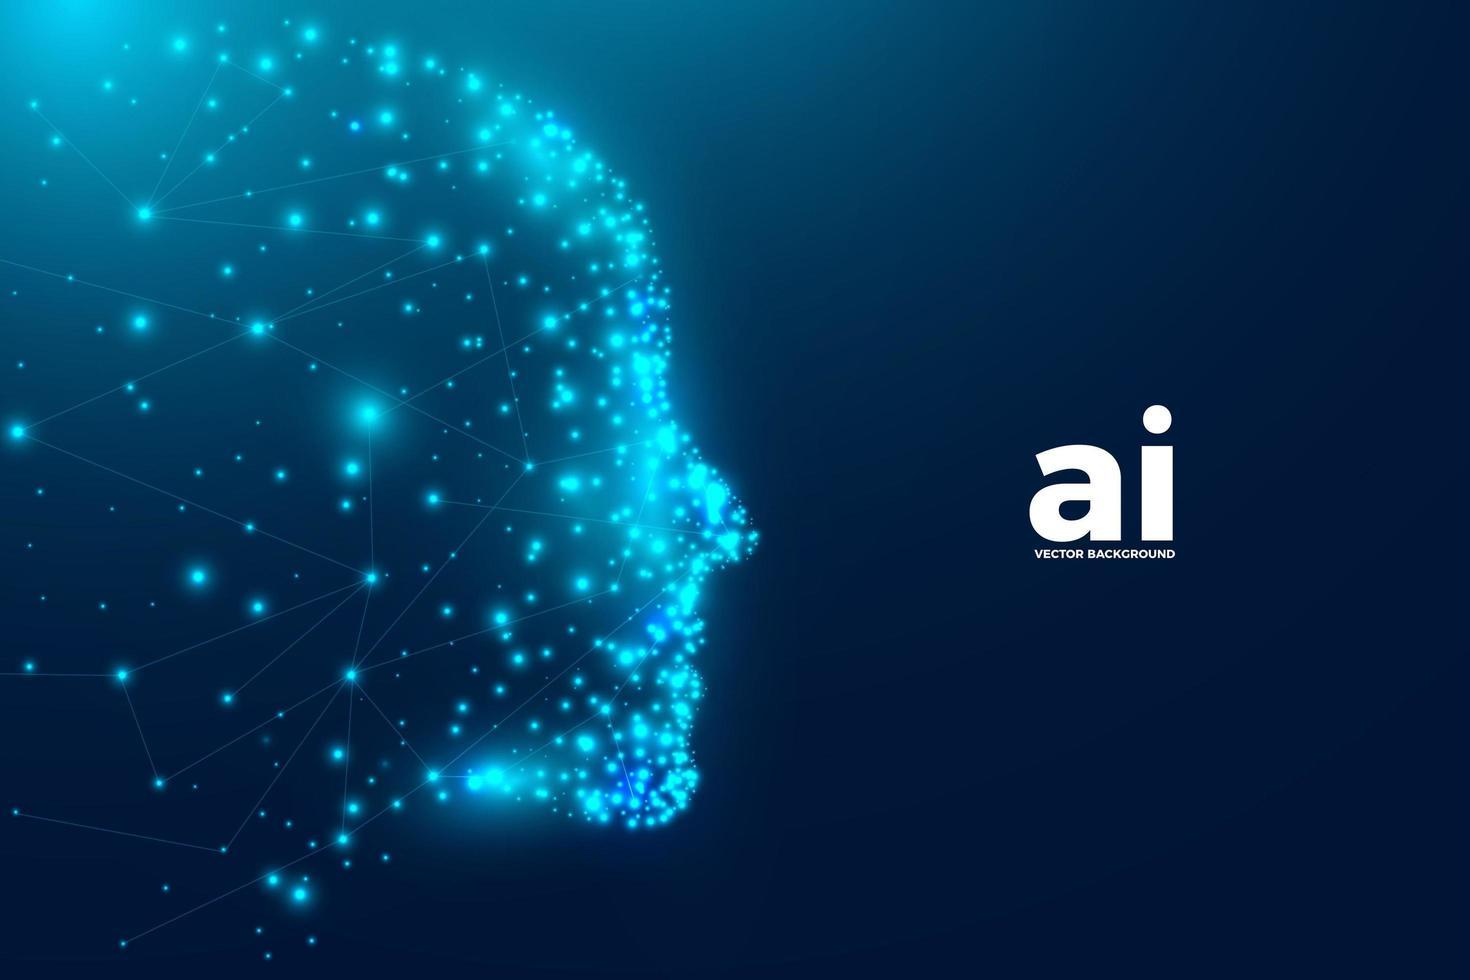 Kunstmatige intelligentie achtergrond met deeltjes en menselijk gezicht vector